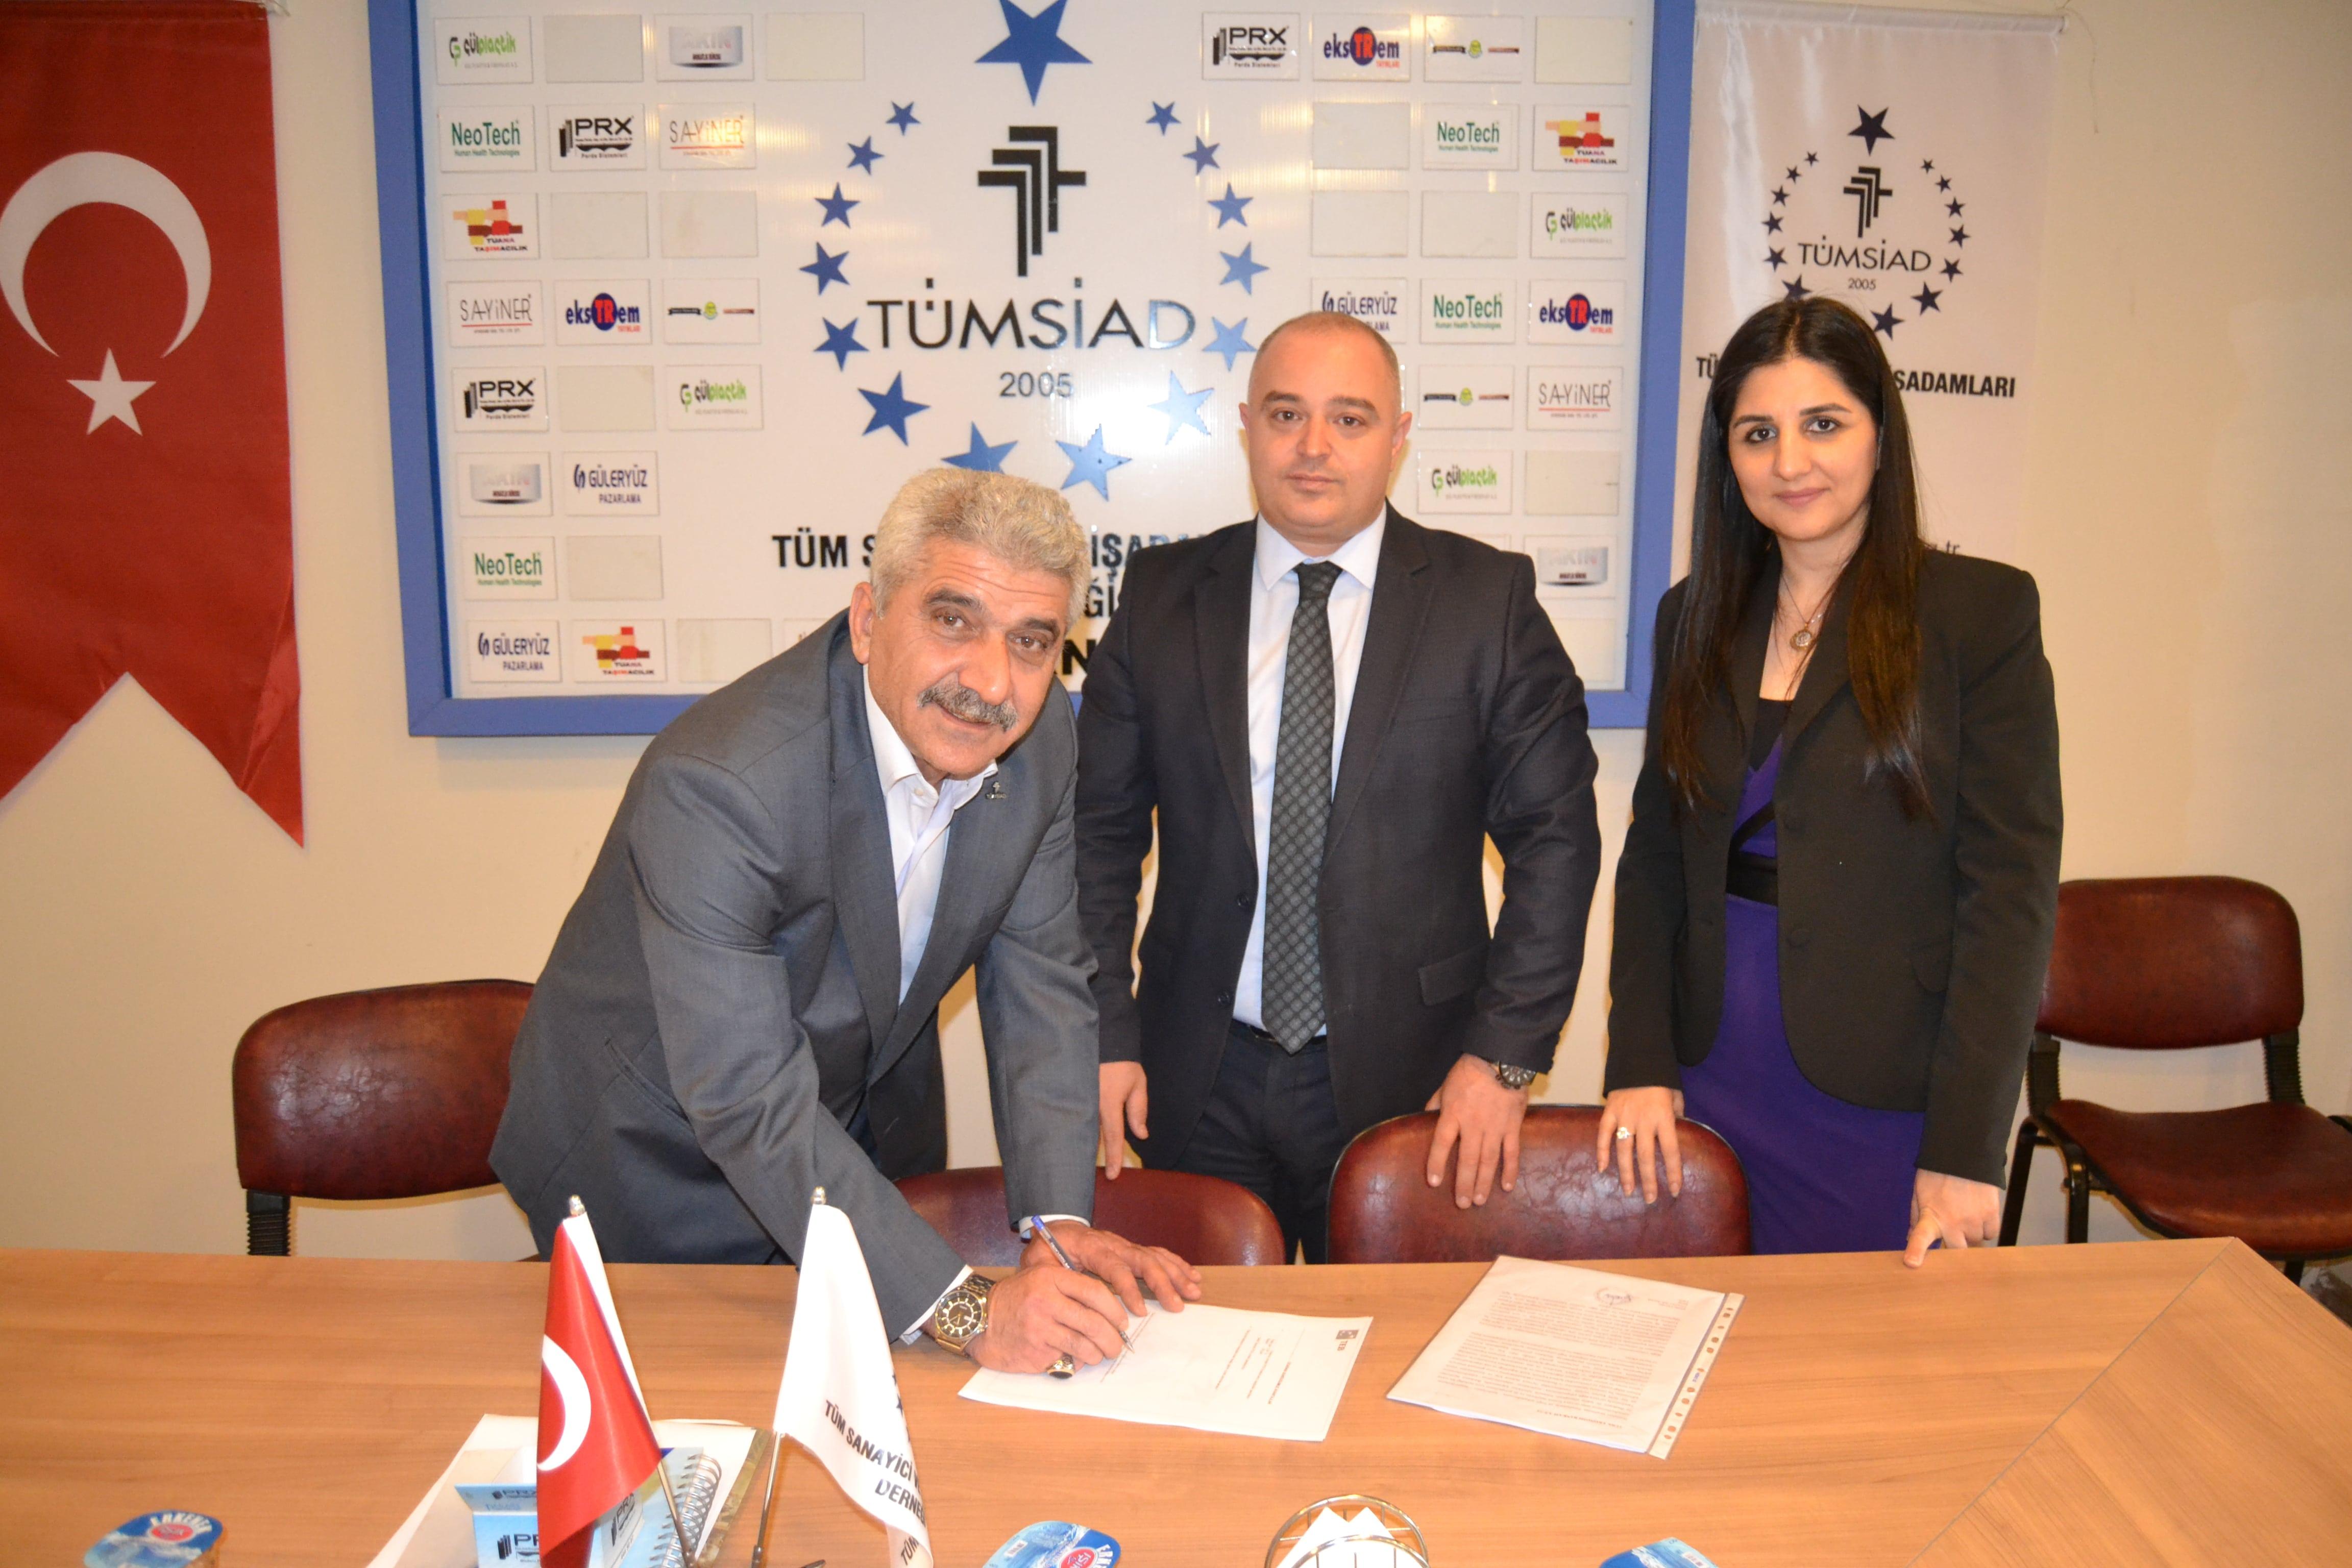 TEB, TÜMSİAD Adana Şubesi ile işbirliği protokolü imzaladı